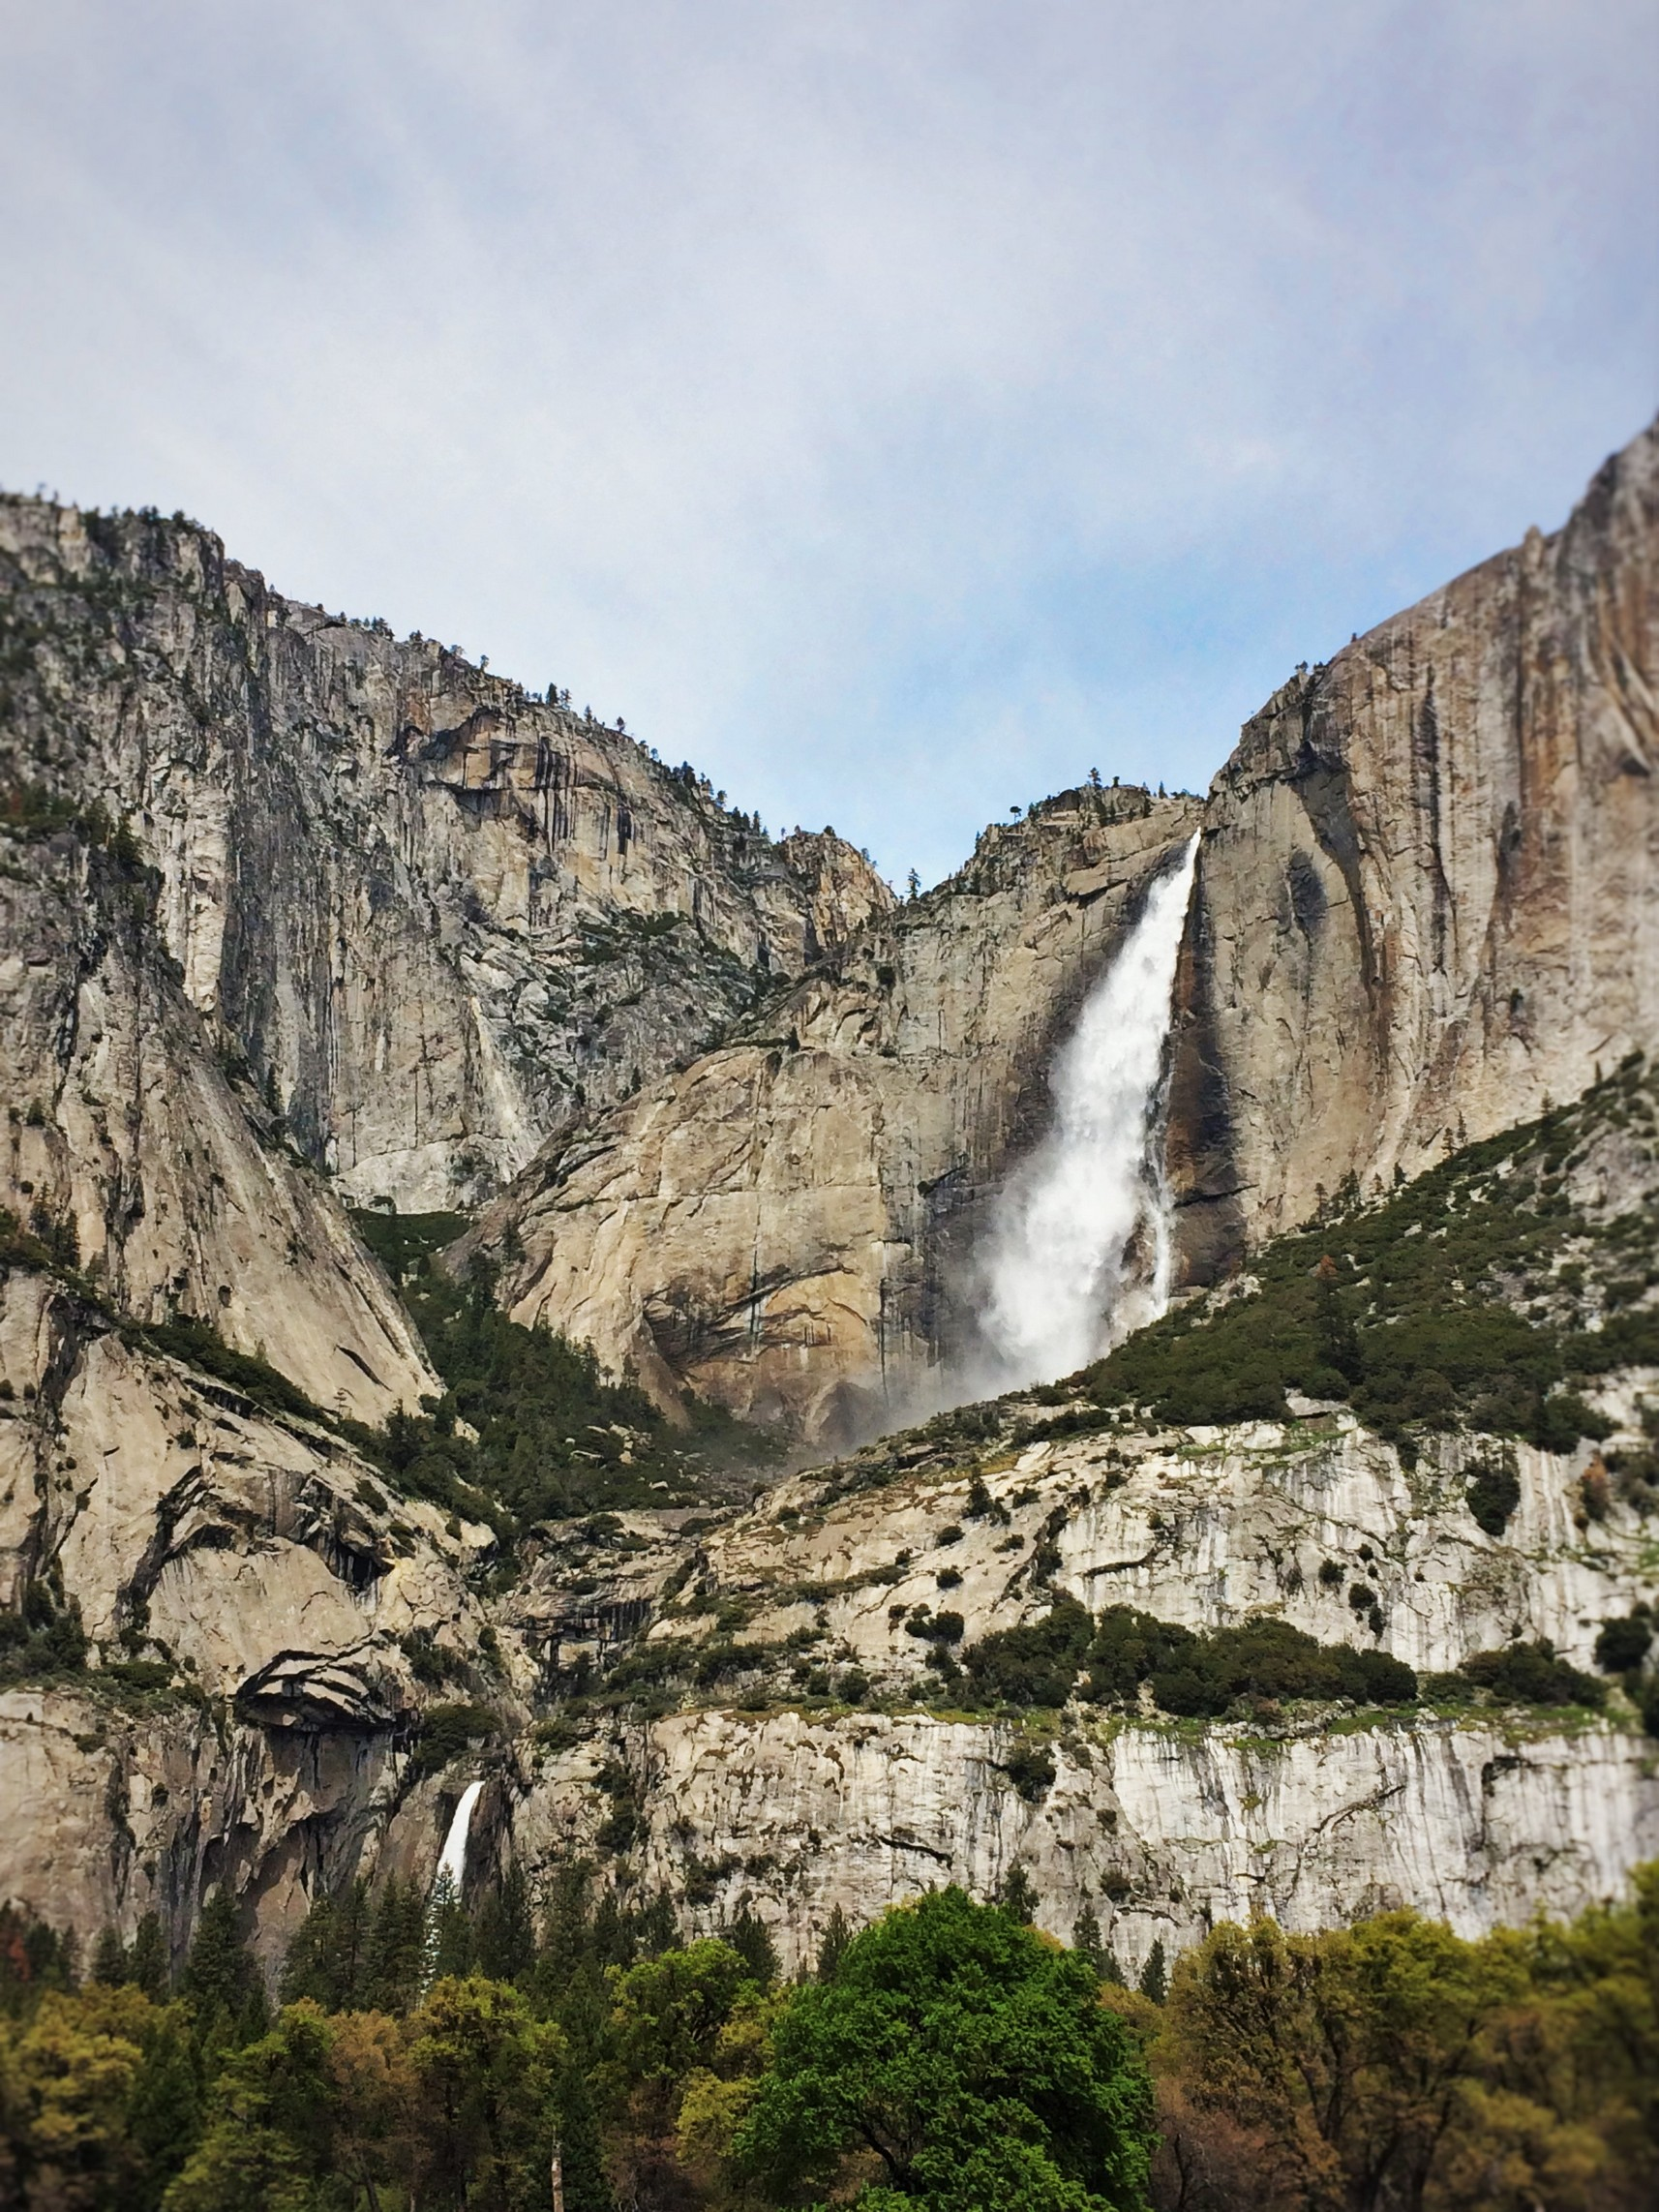 Upper Yosemite Falls from Valley Floor in Yosemite National Park 5